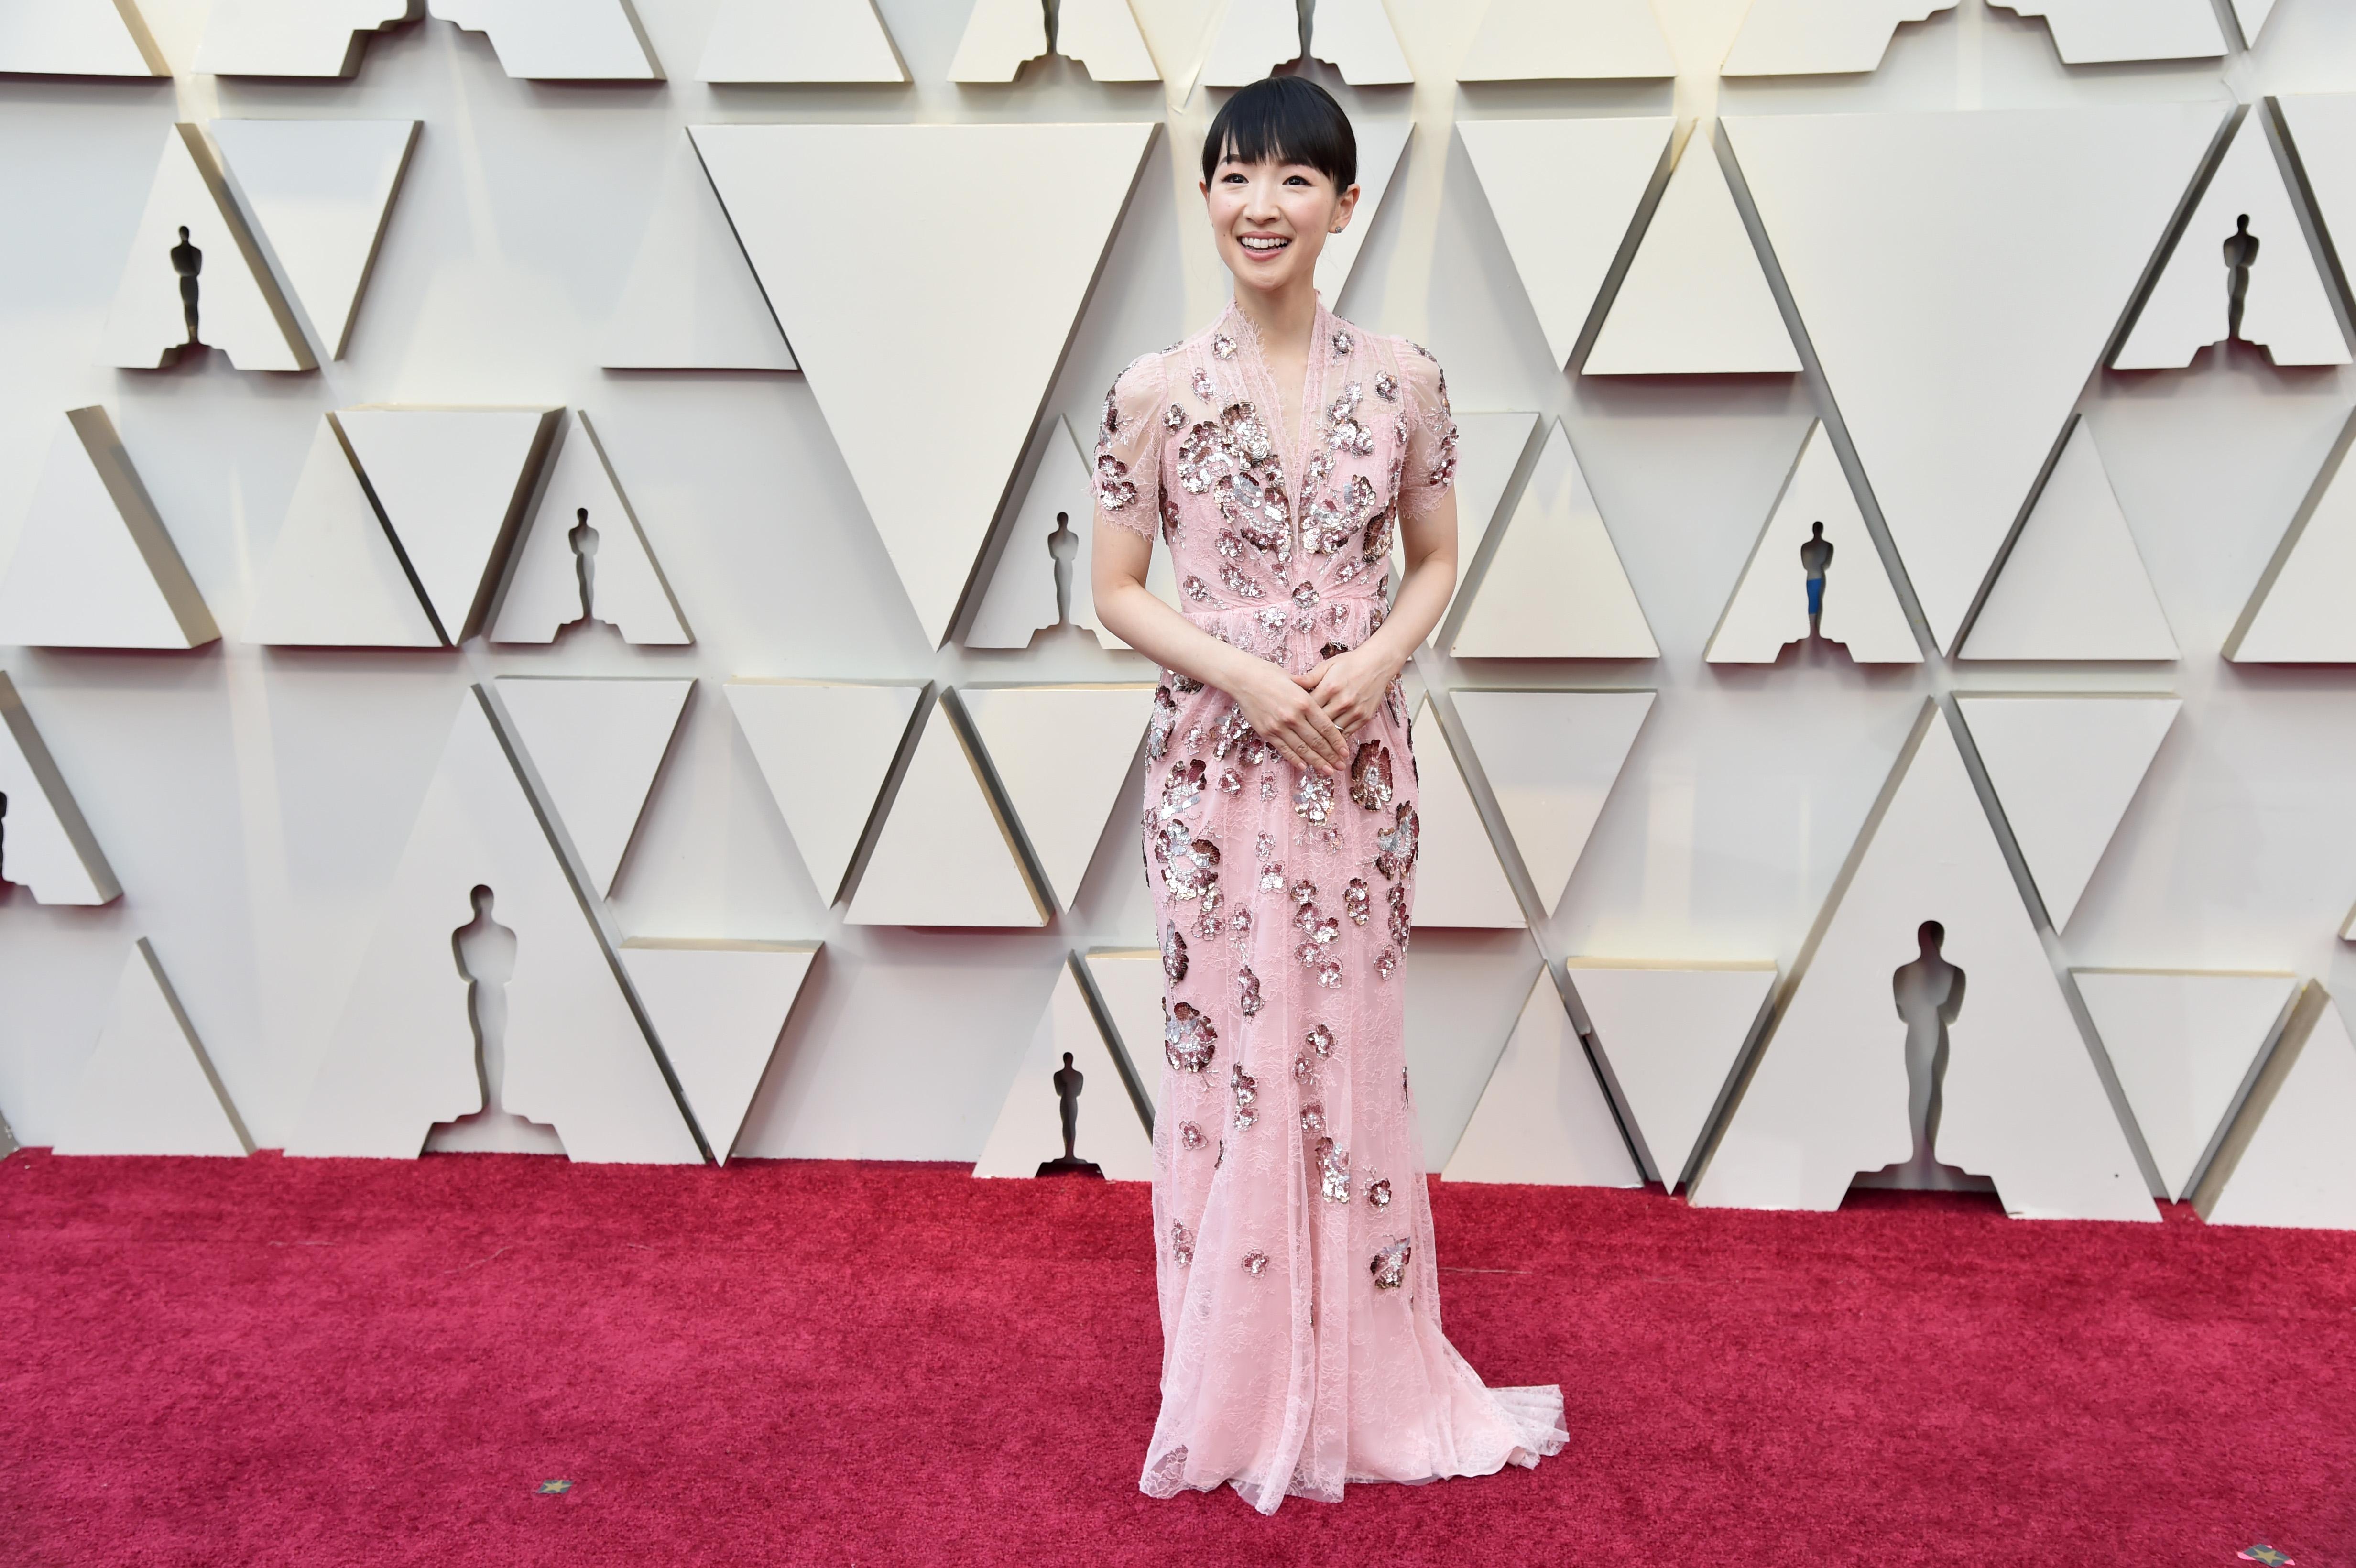 86cd6aca PHOTOS: Oscars 2019 carpet fashion; stars arrive at 91st Academy ...